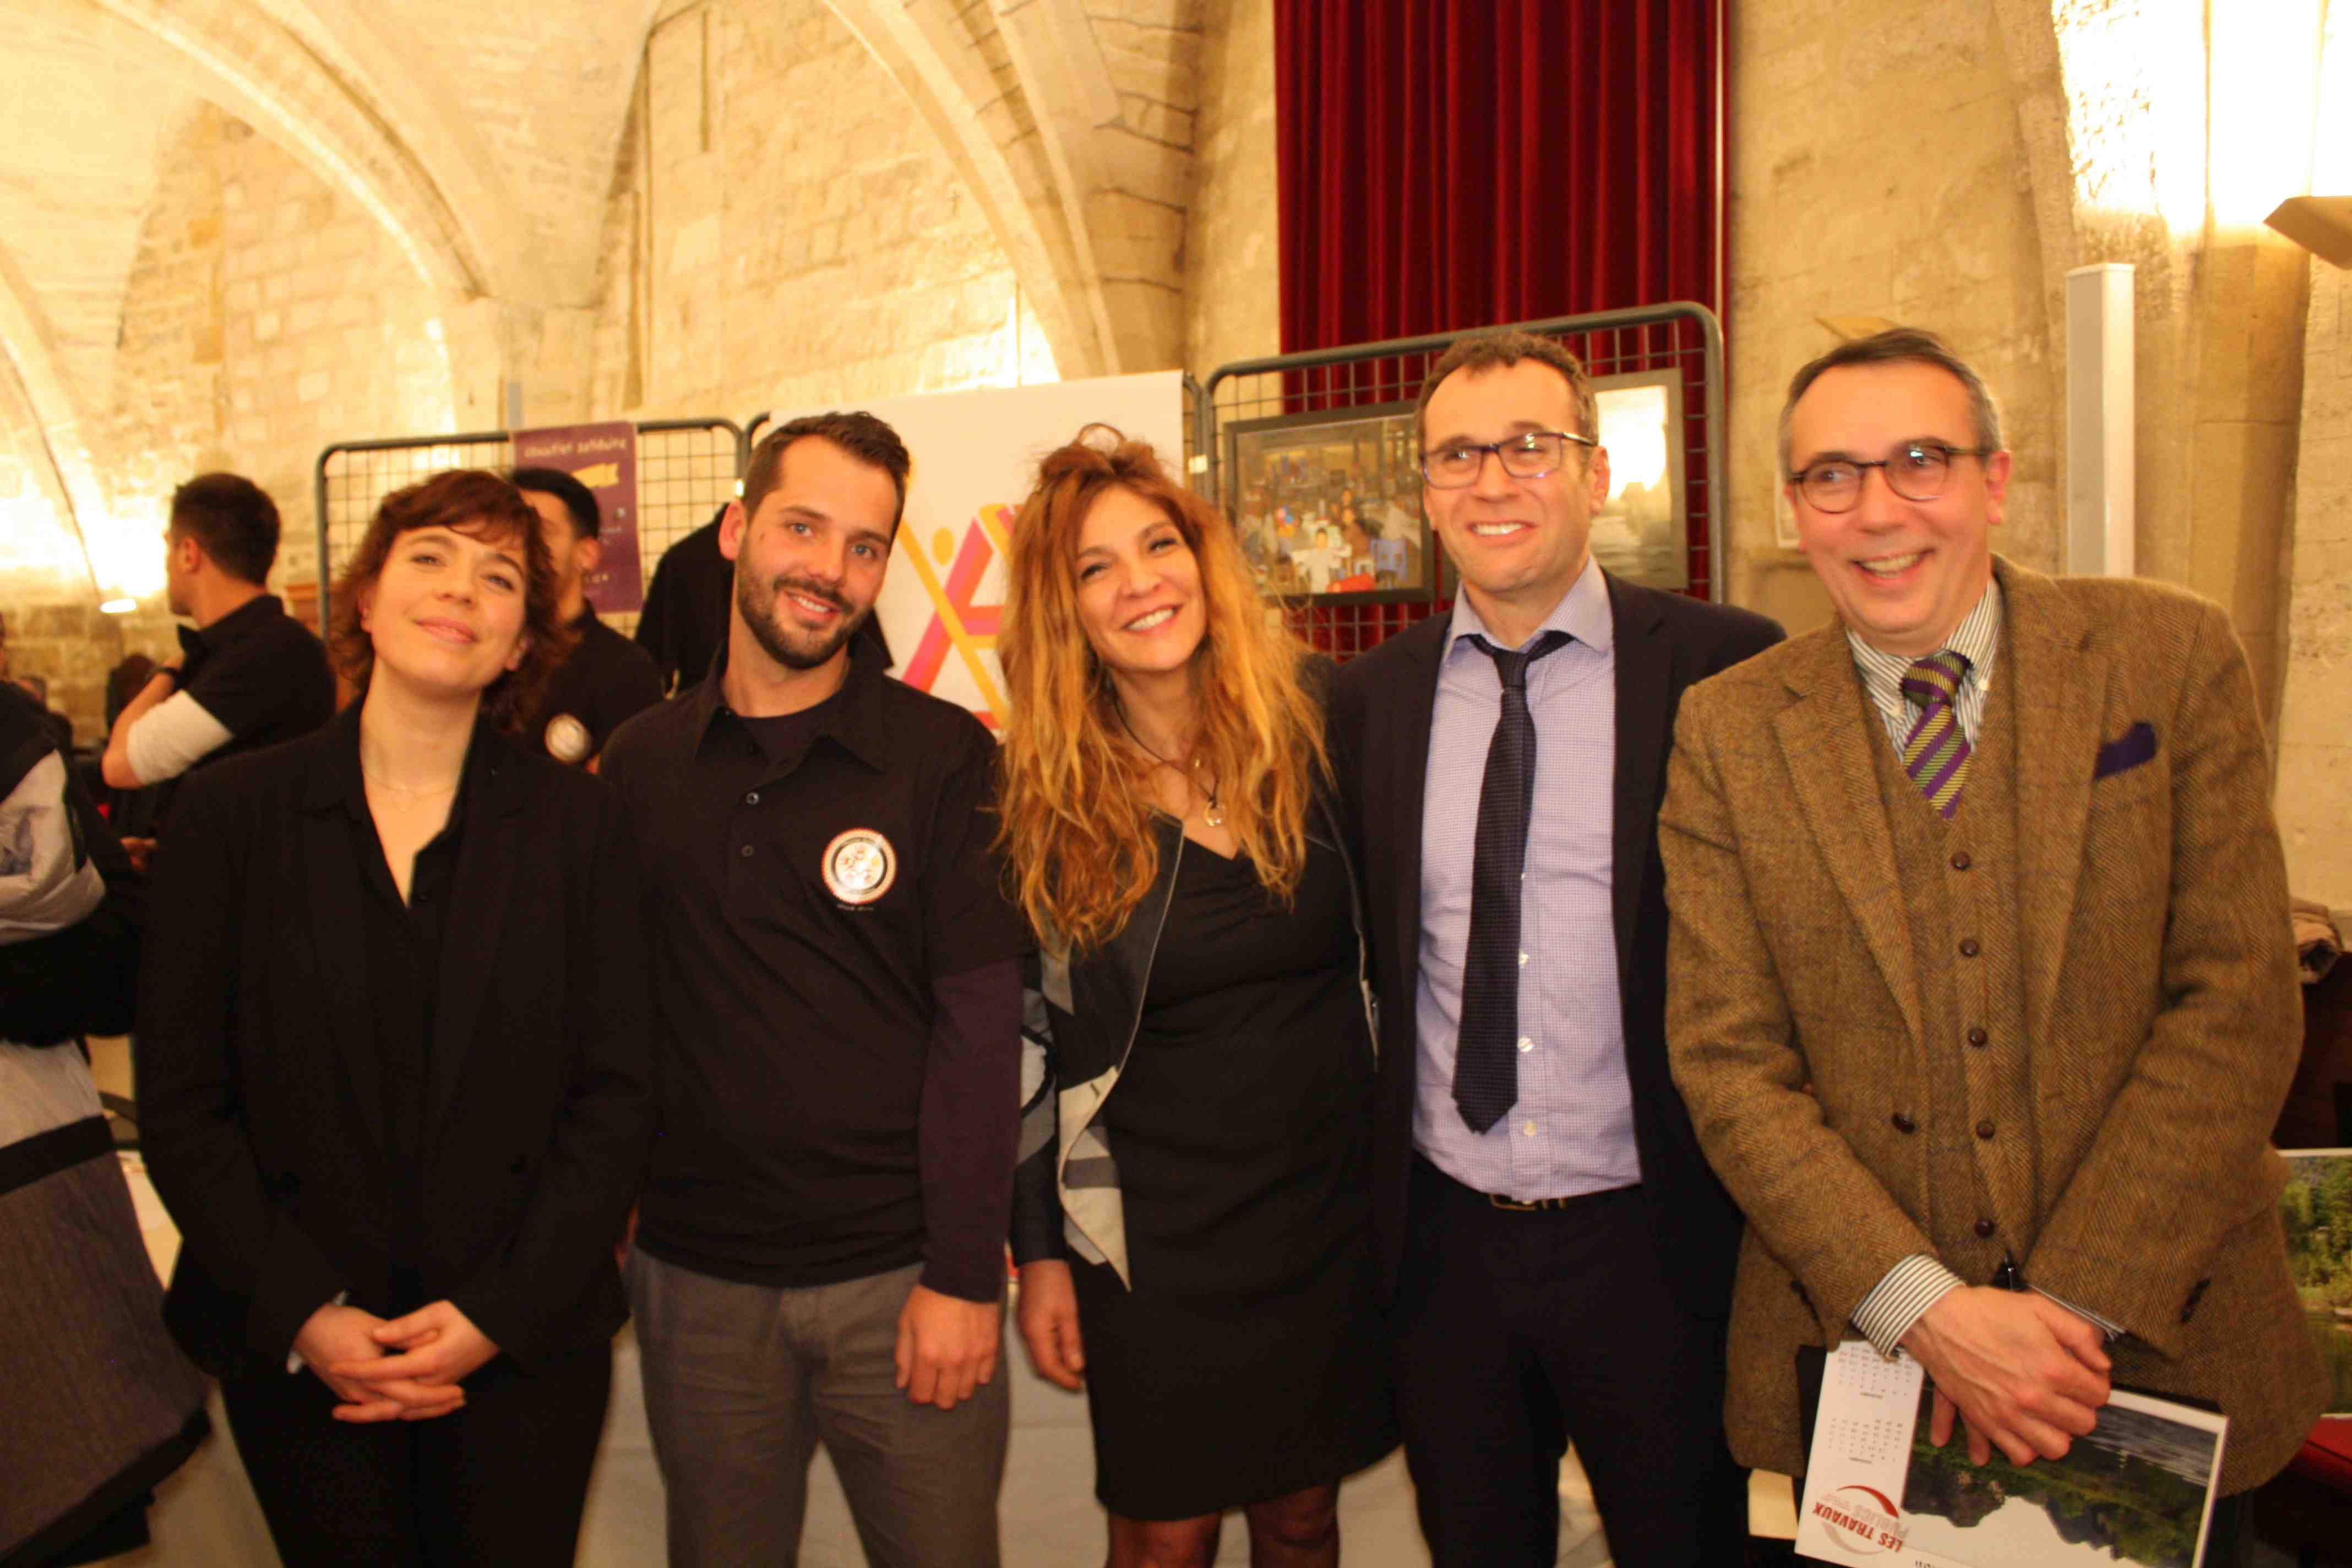 Vente aux enchères du 9 mars 2016 à Montpellier